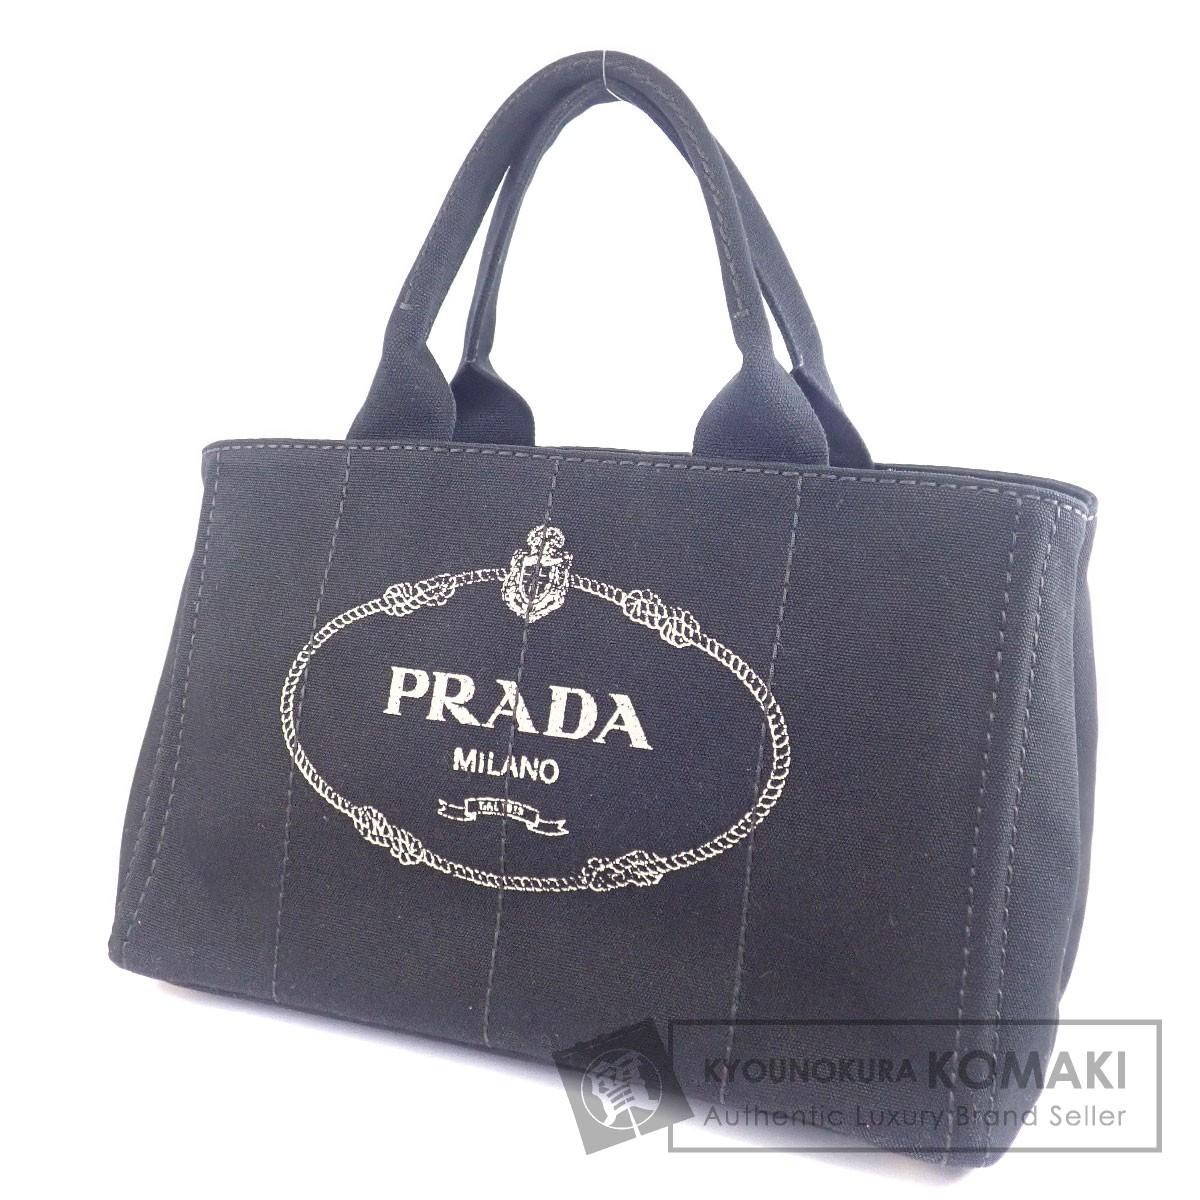 PRADA BN2642 カナパ 2WAY トートバッグ キャンバス レディース 【中古】【プラダ】